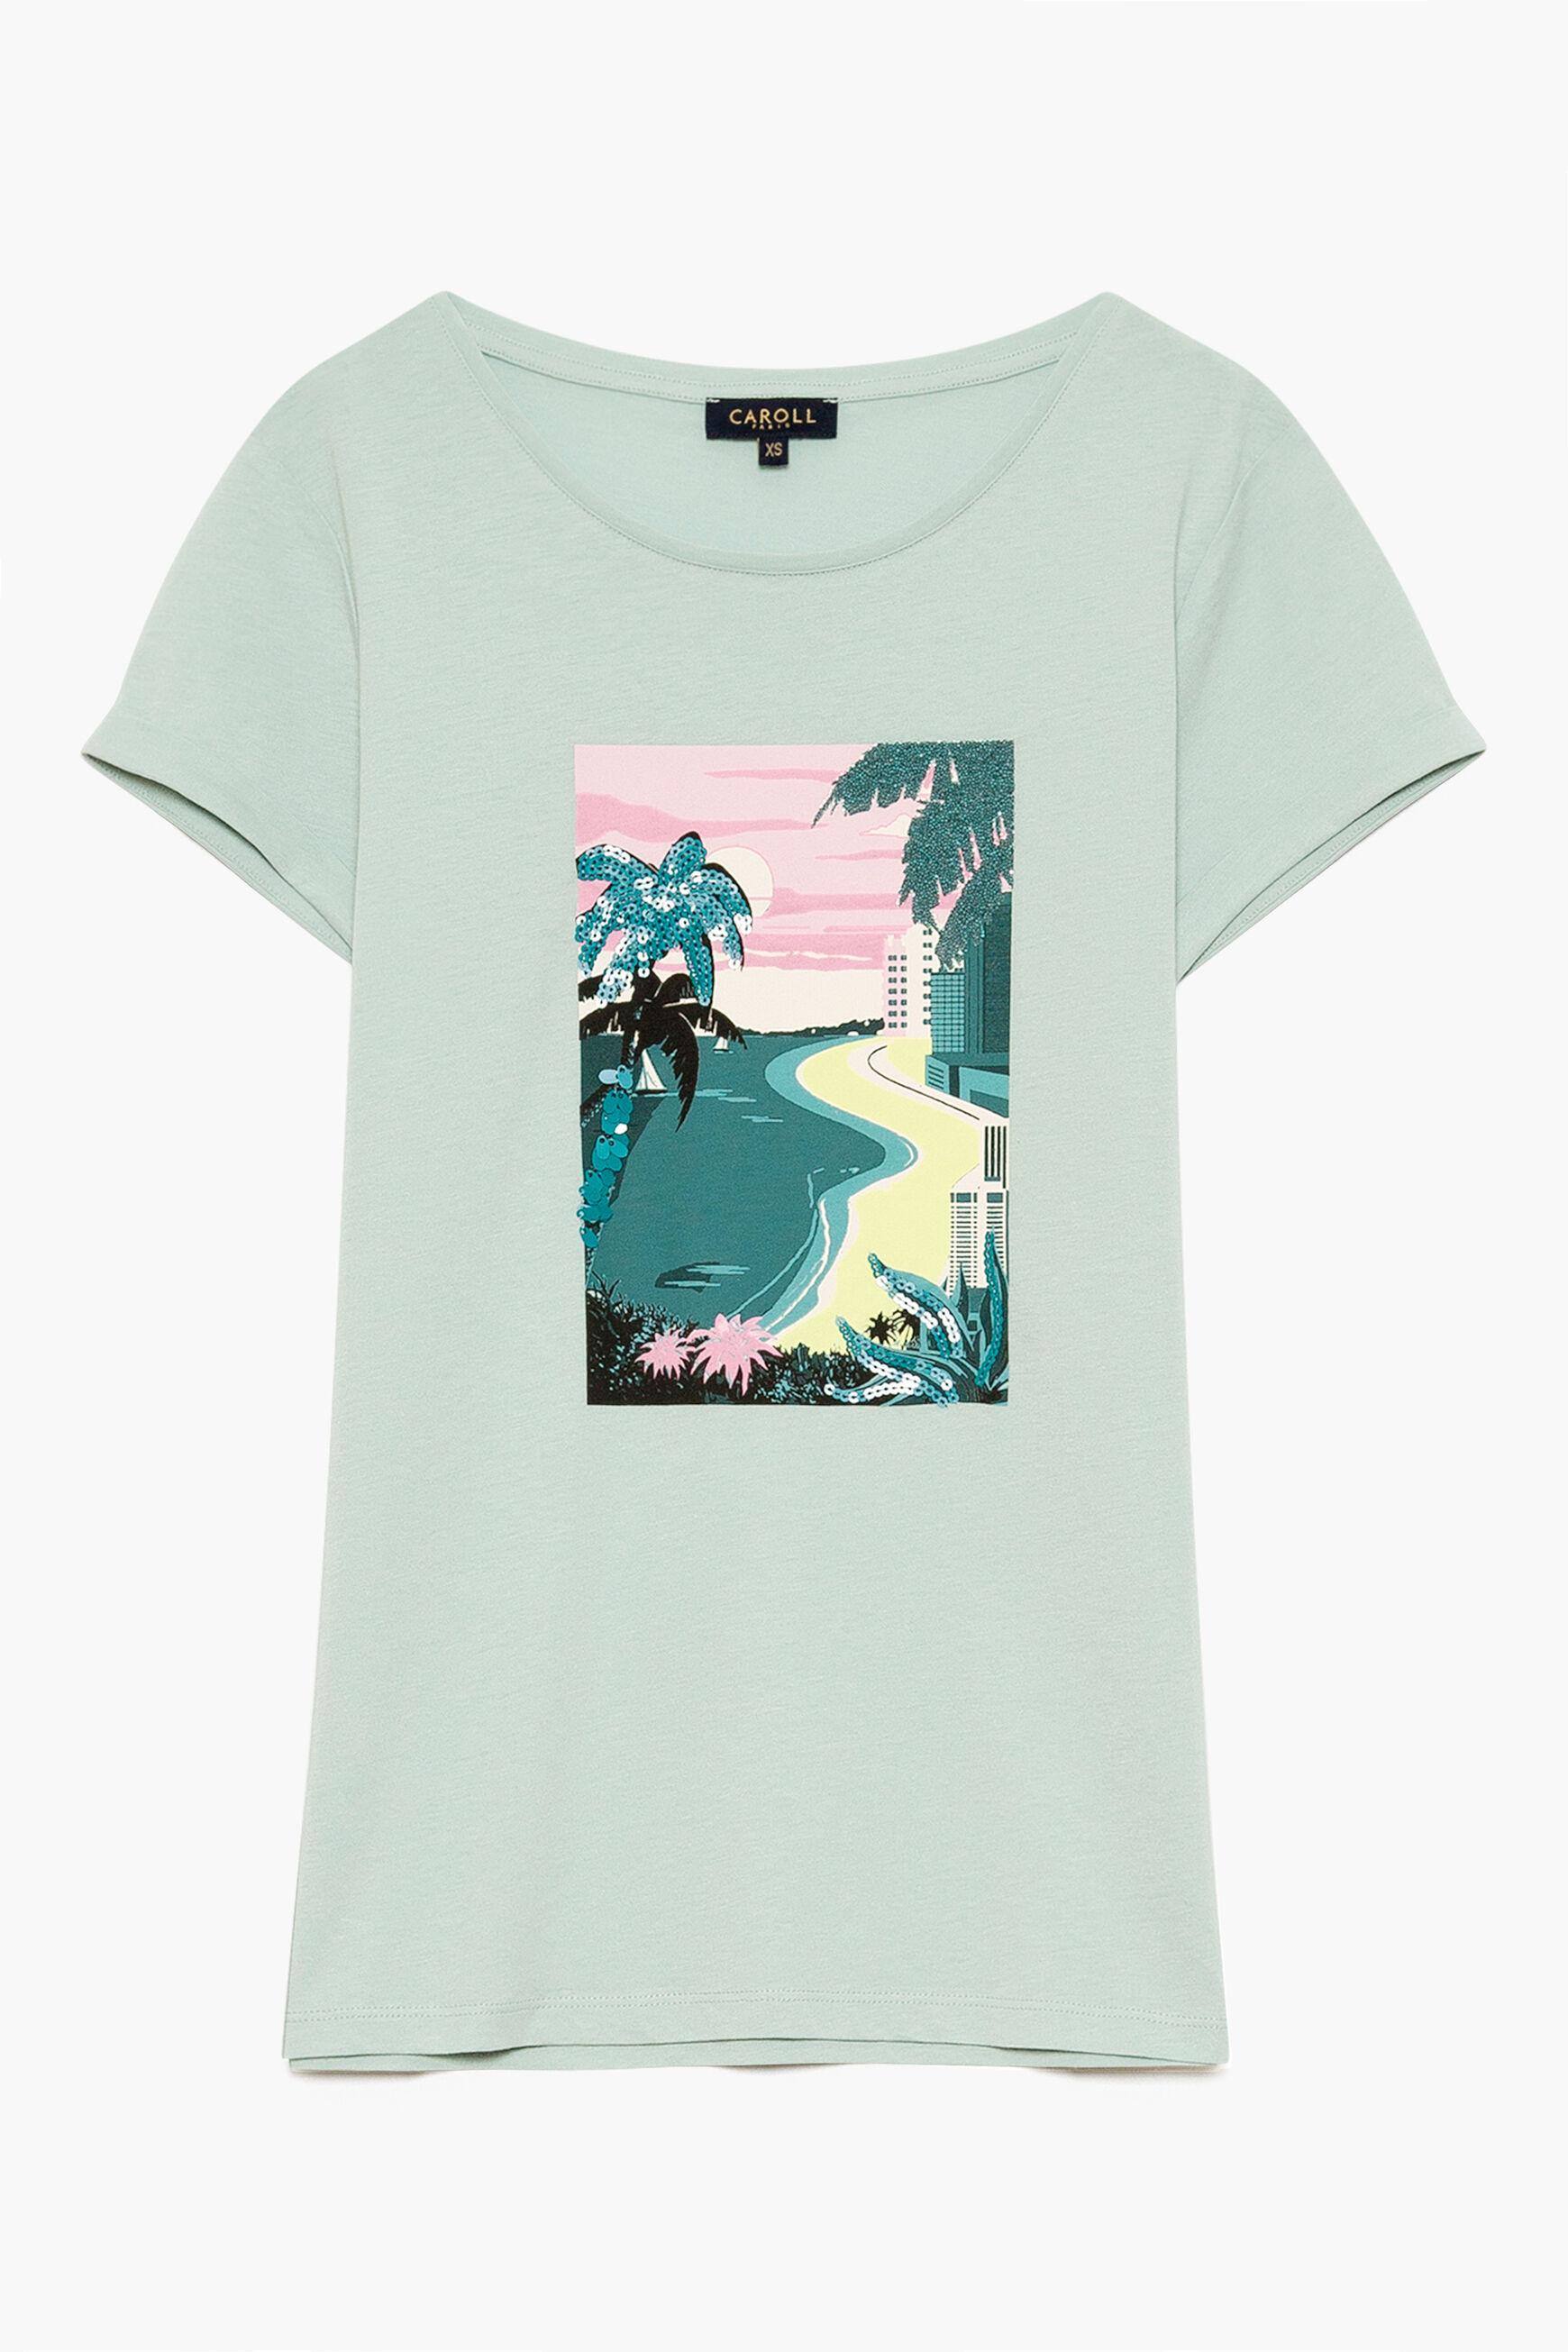 00 T 35 AlteaKristalwit Dames Voor Shirt € pSGUzMVq